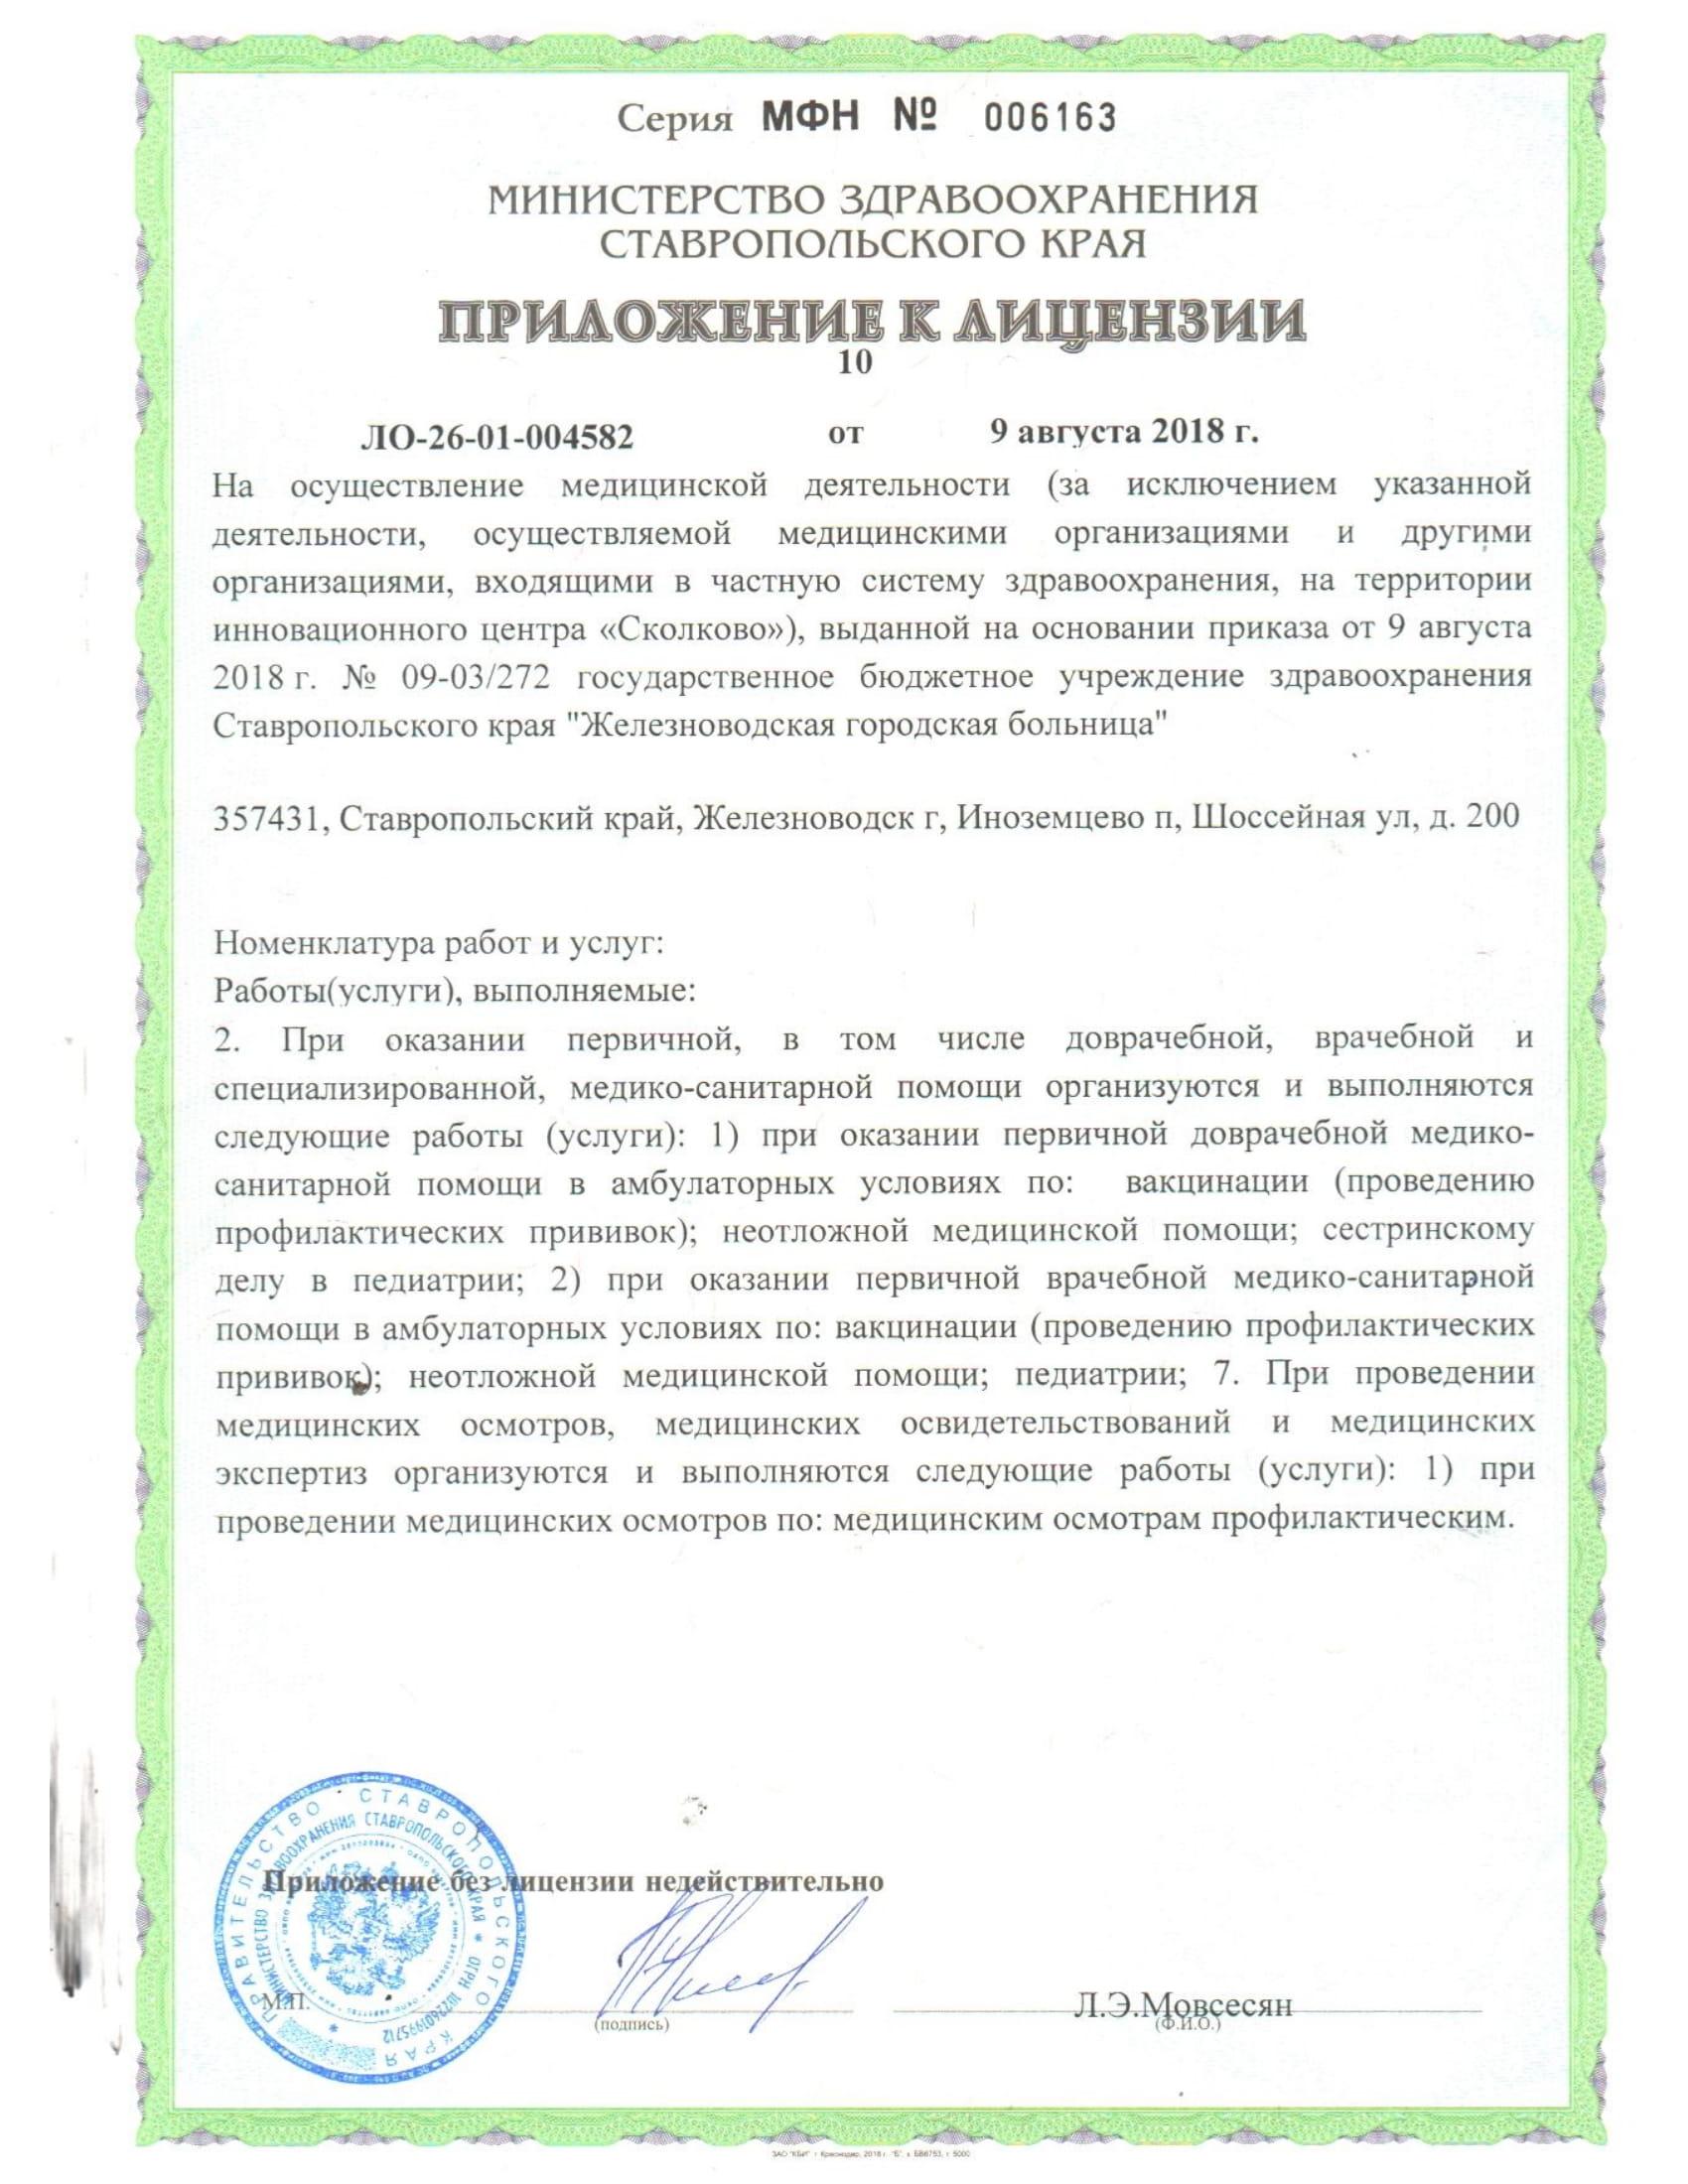 лицензия 2018 от 09.08.2018-13